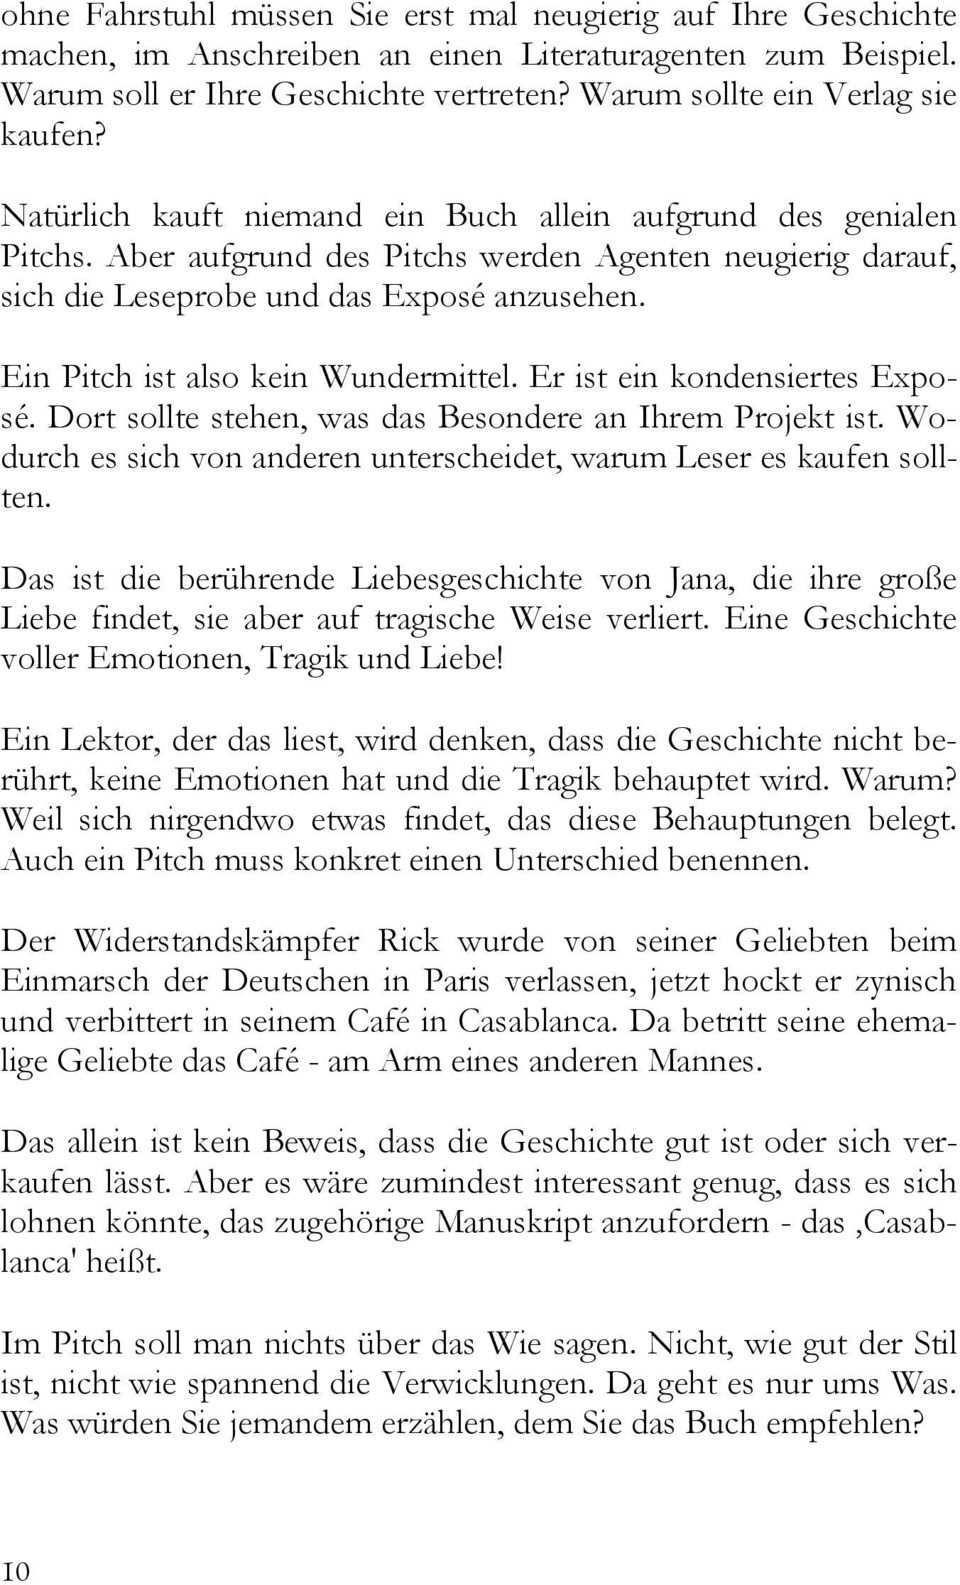 Drei Seiten Fur Ein Expose Hans Peter Roentgen Pdf Free Download